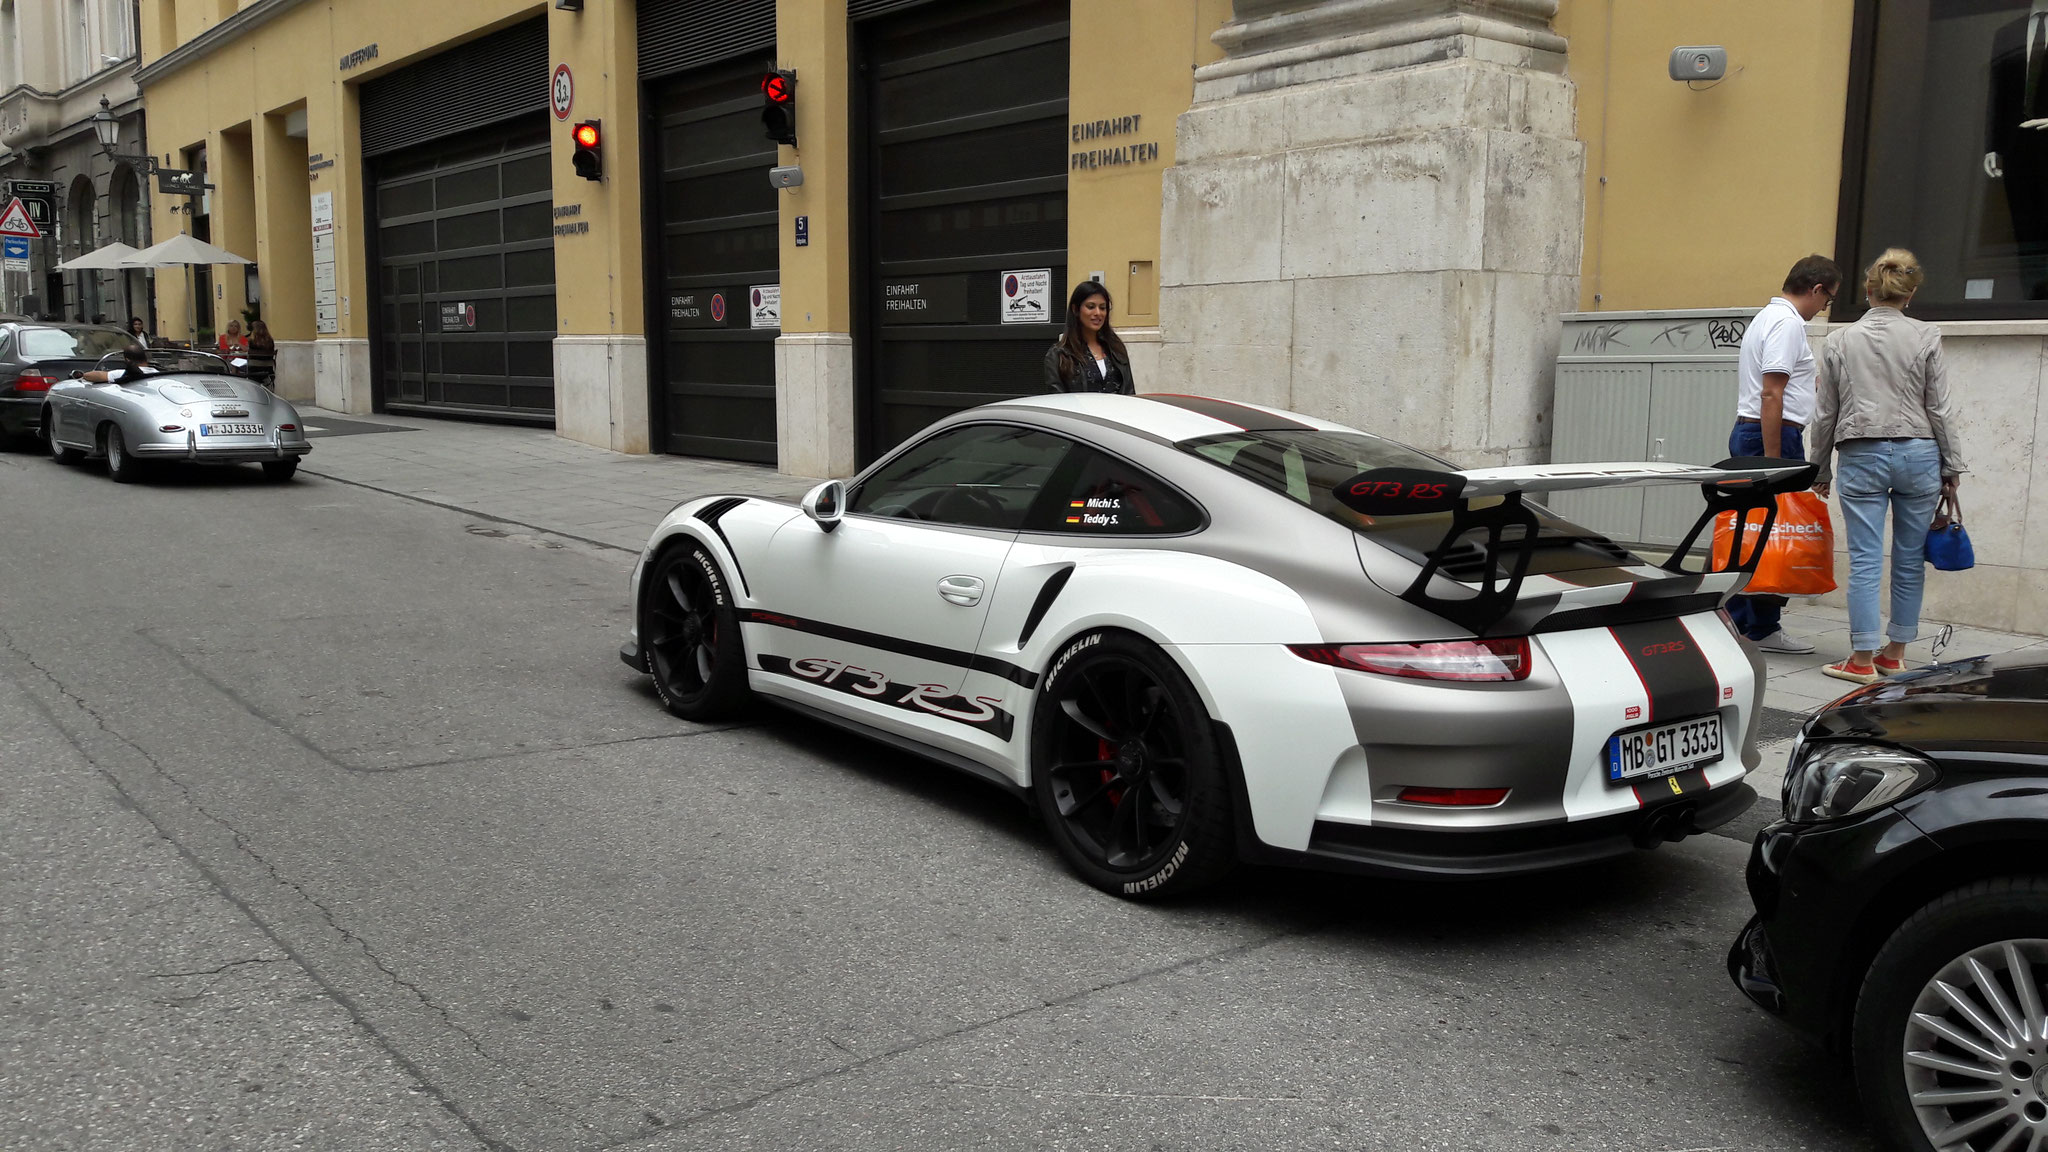 Porsche 911 GT3 RS - MB-GT-3333